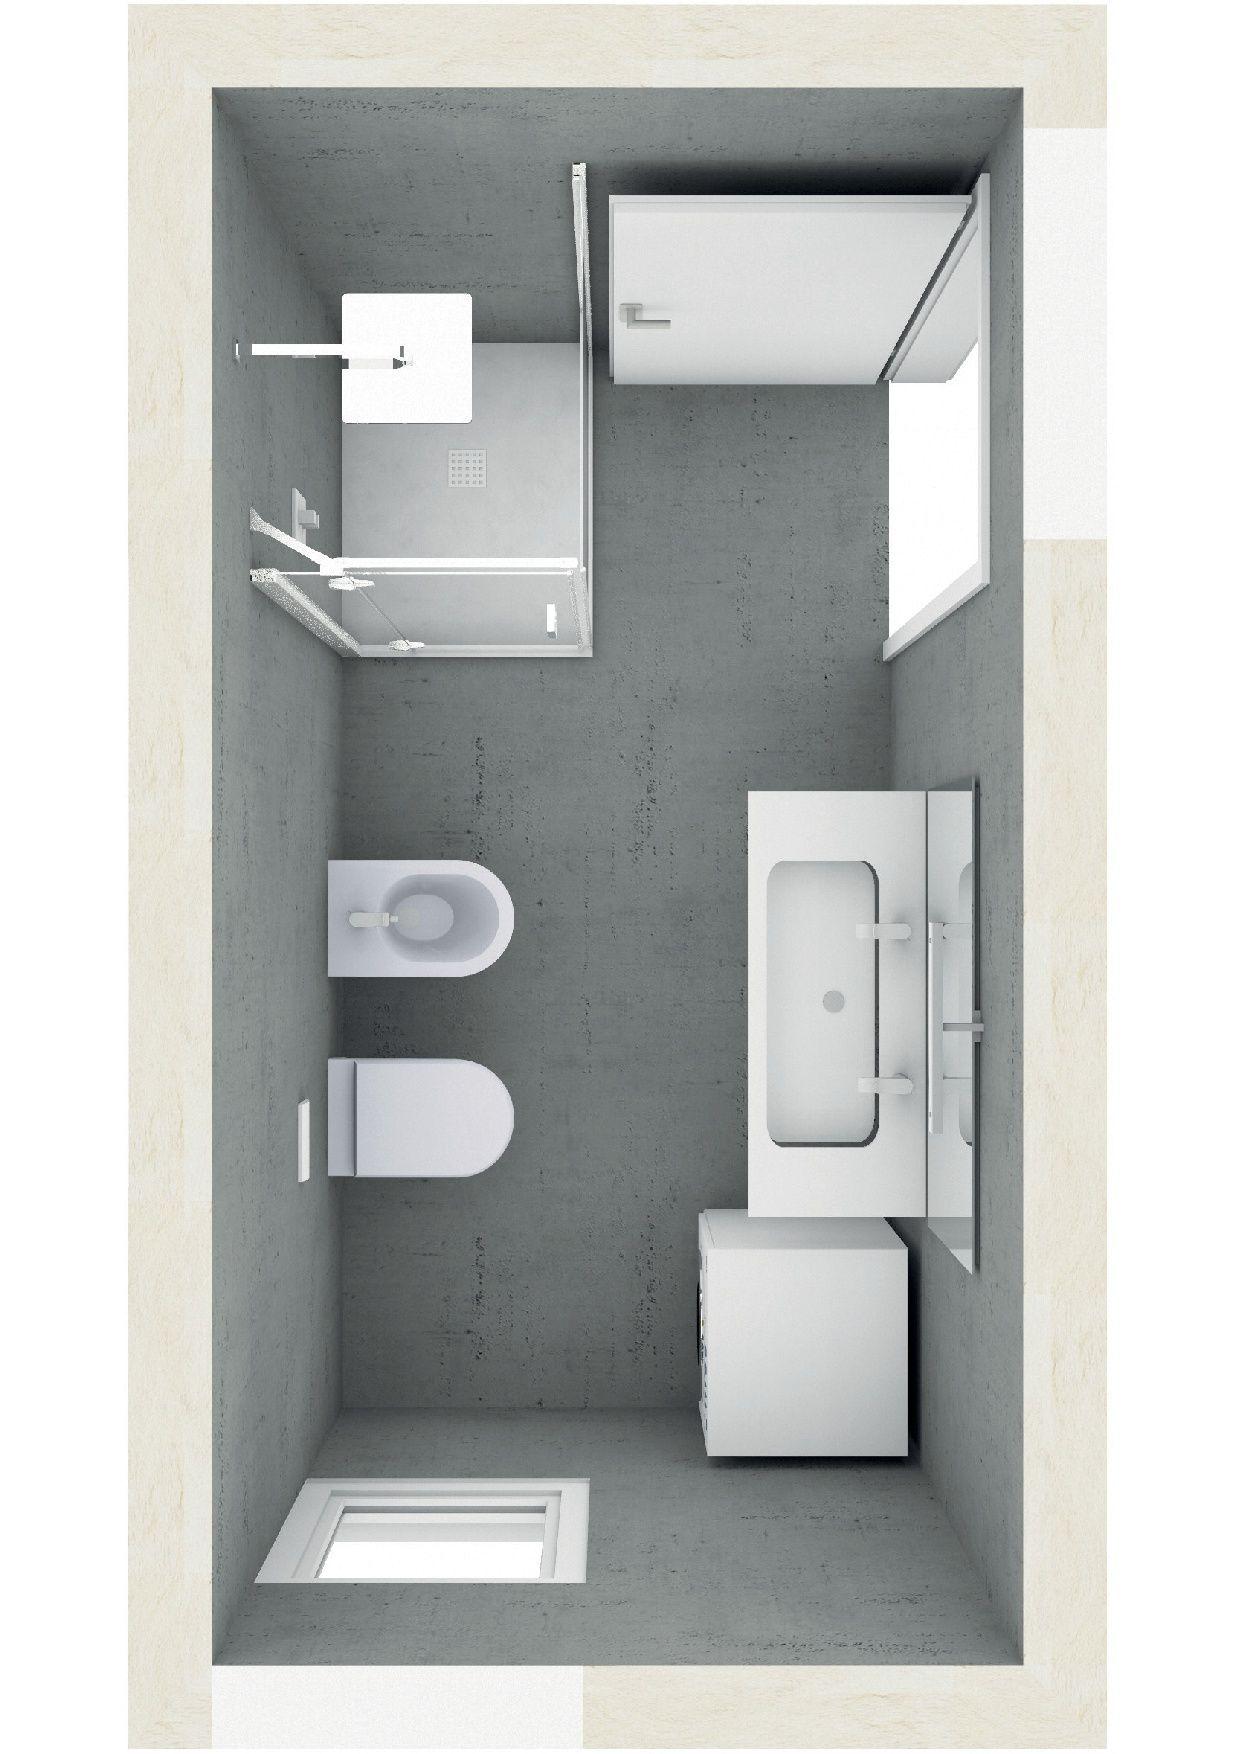 badplanung mit waschmaschine badarchitektur gut geplant pinterest badplanung und. Black Bedroom Furniture Sets. Home Design Ideas